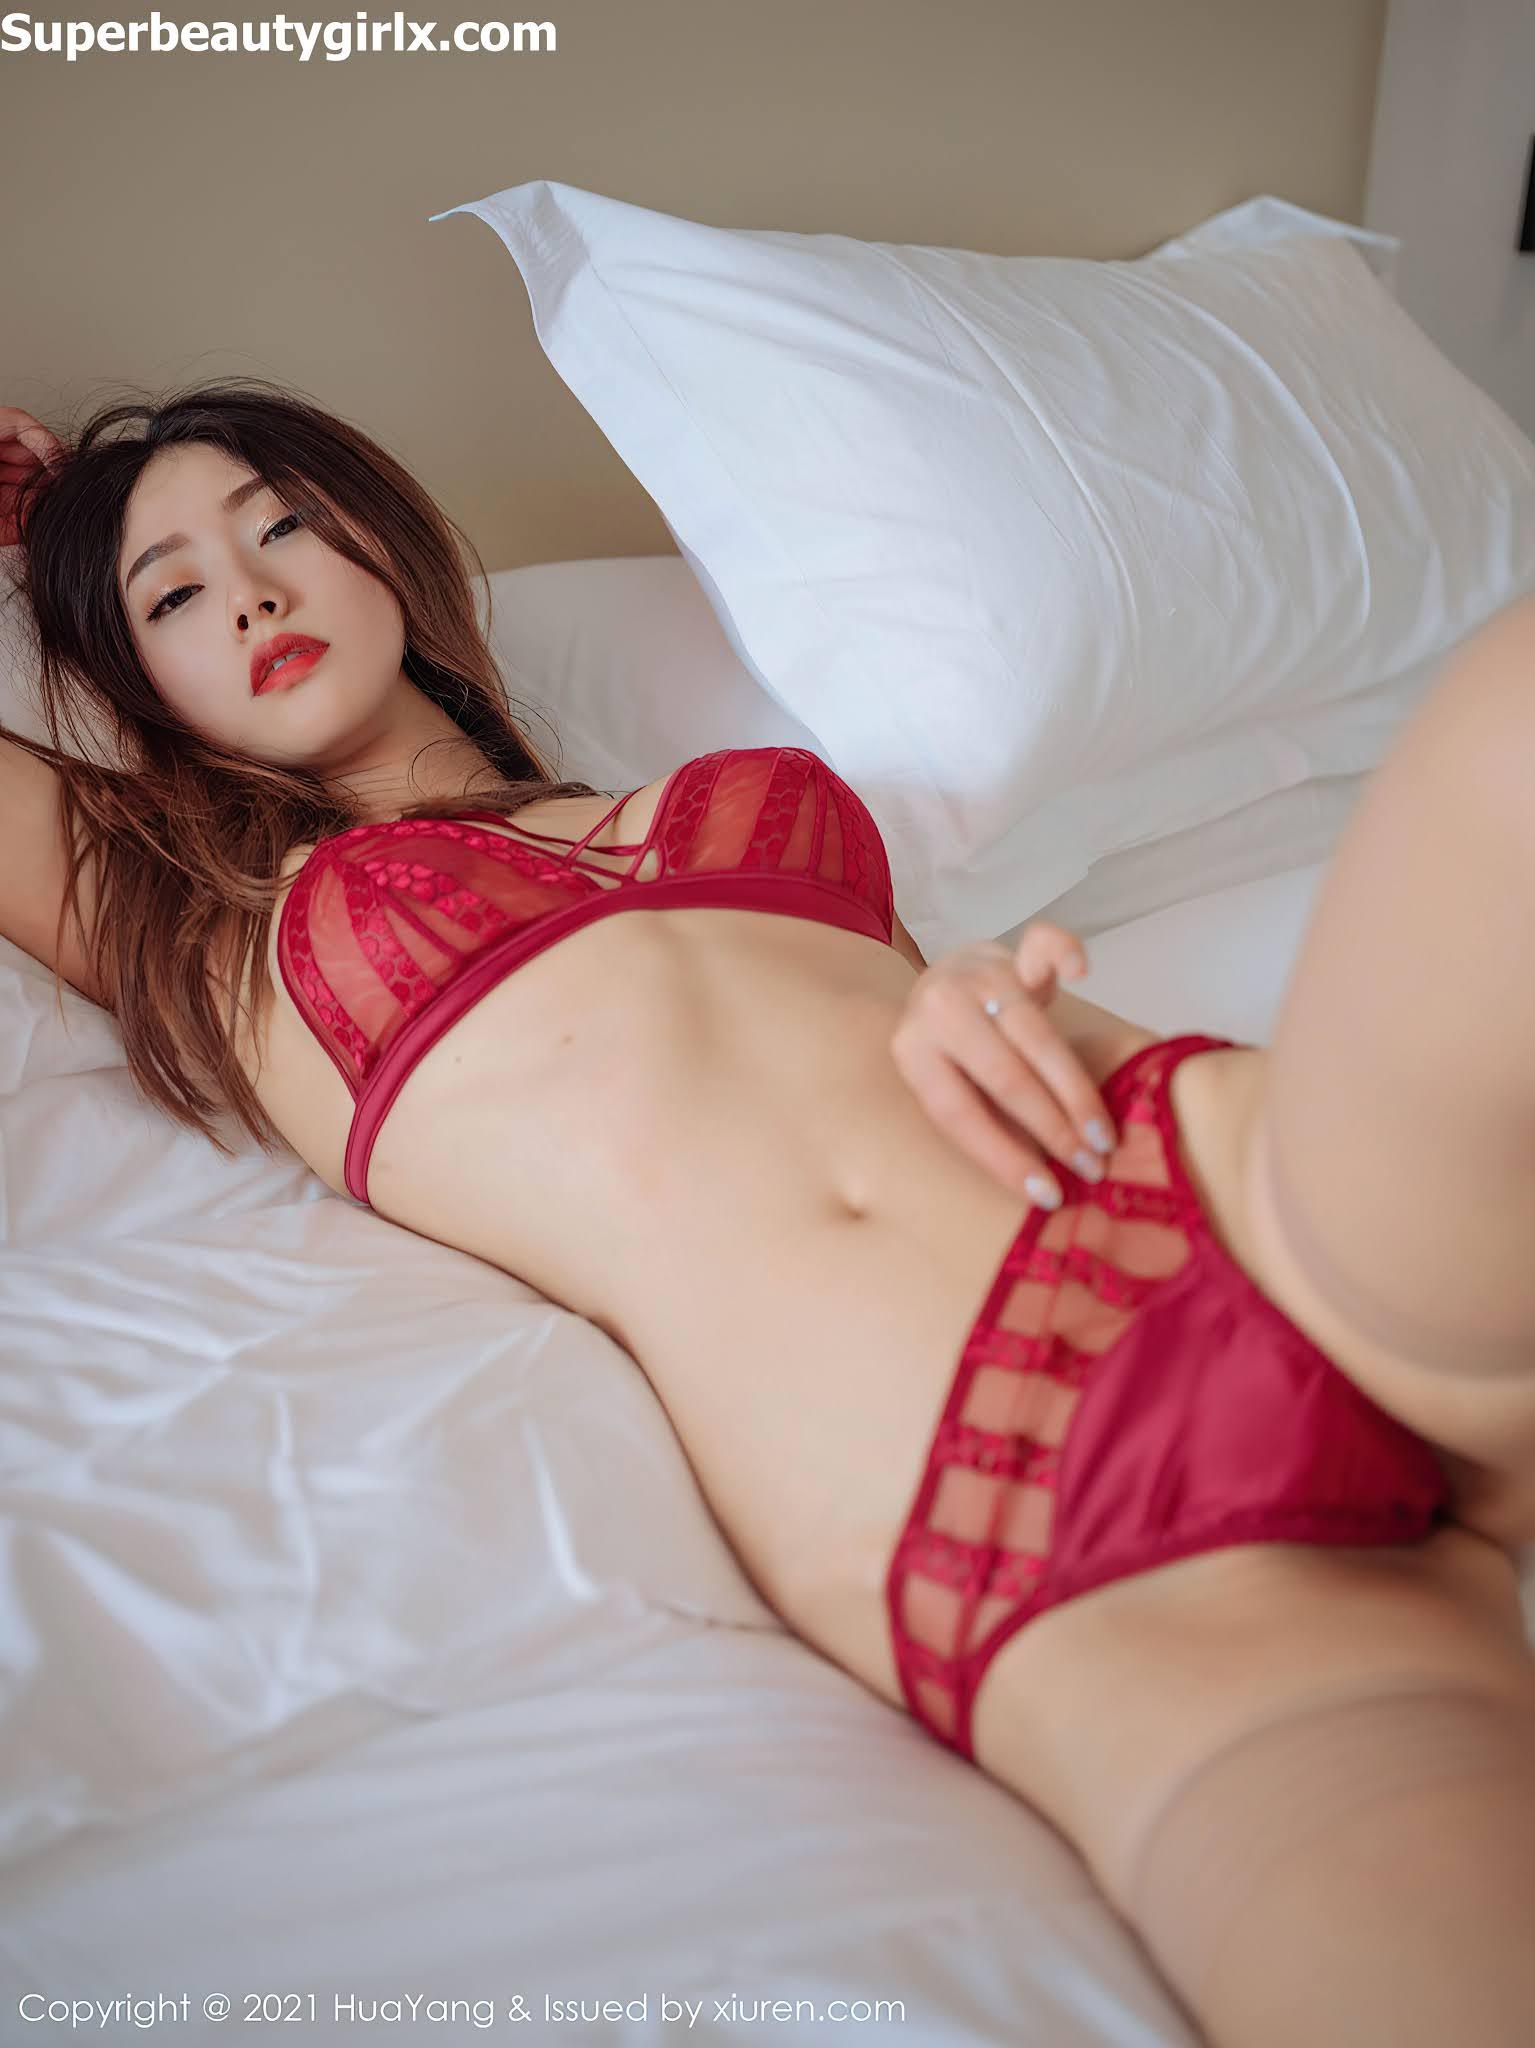 HuaYang-Vol.375-Fang-Zi-Xuan-Superbeautygirlx.com